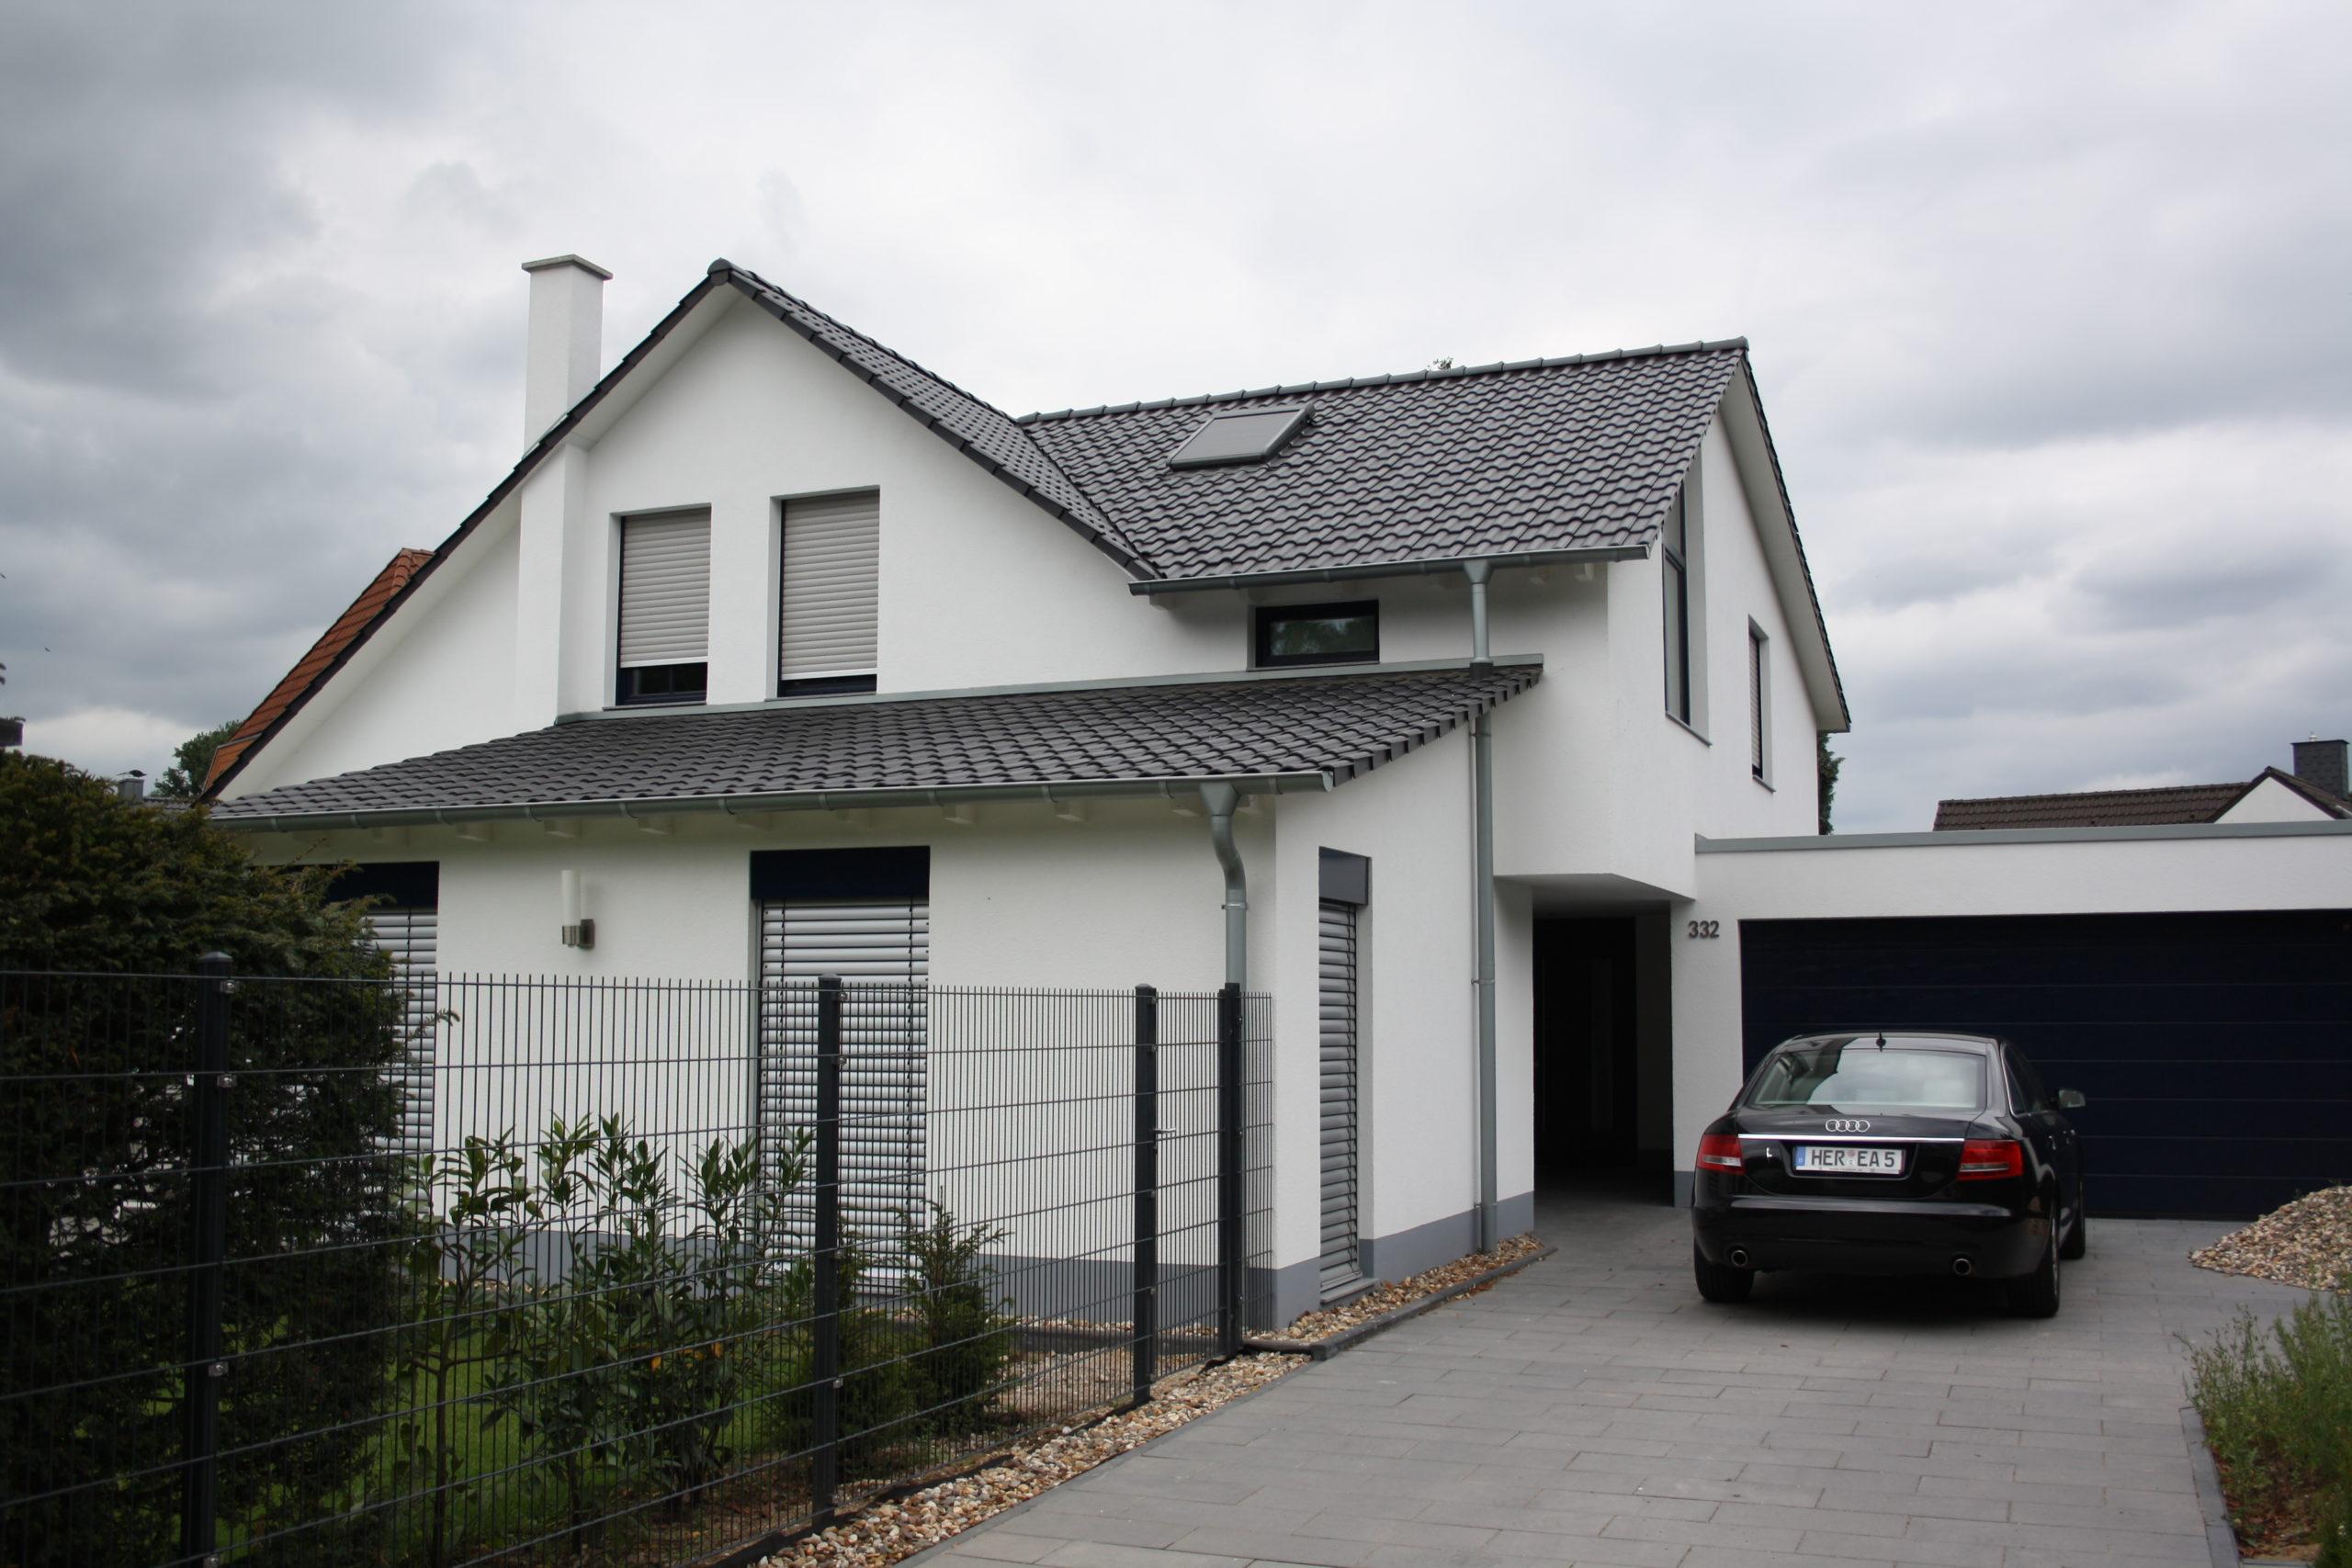 Bauunternehmen für Bauen und Sanieren, Neubau ,Altbausanierung in Mönchengladbach